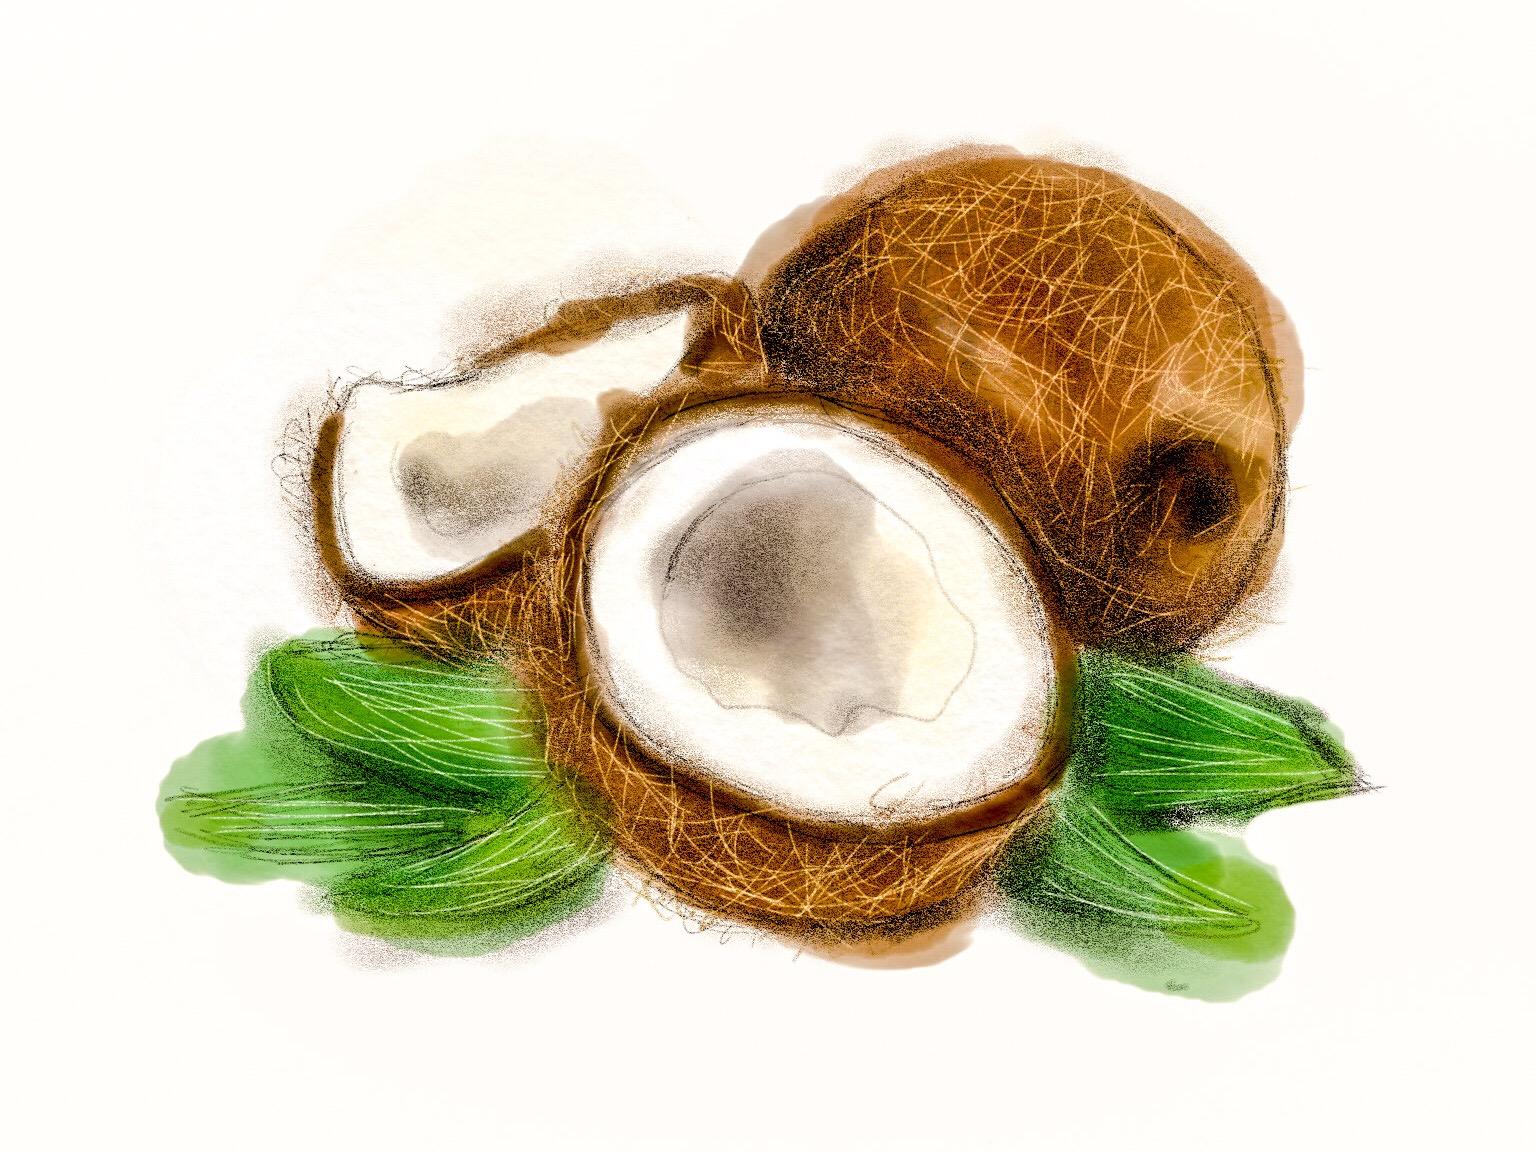 有機ココナッツオイルについて。